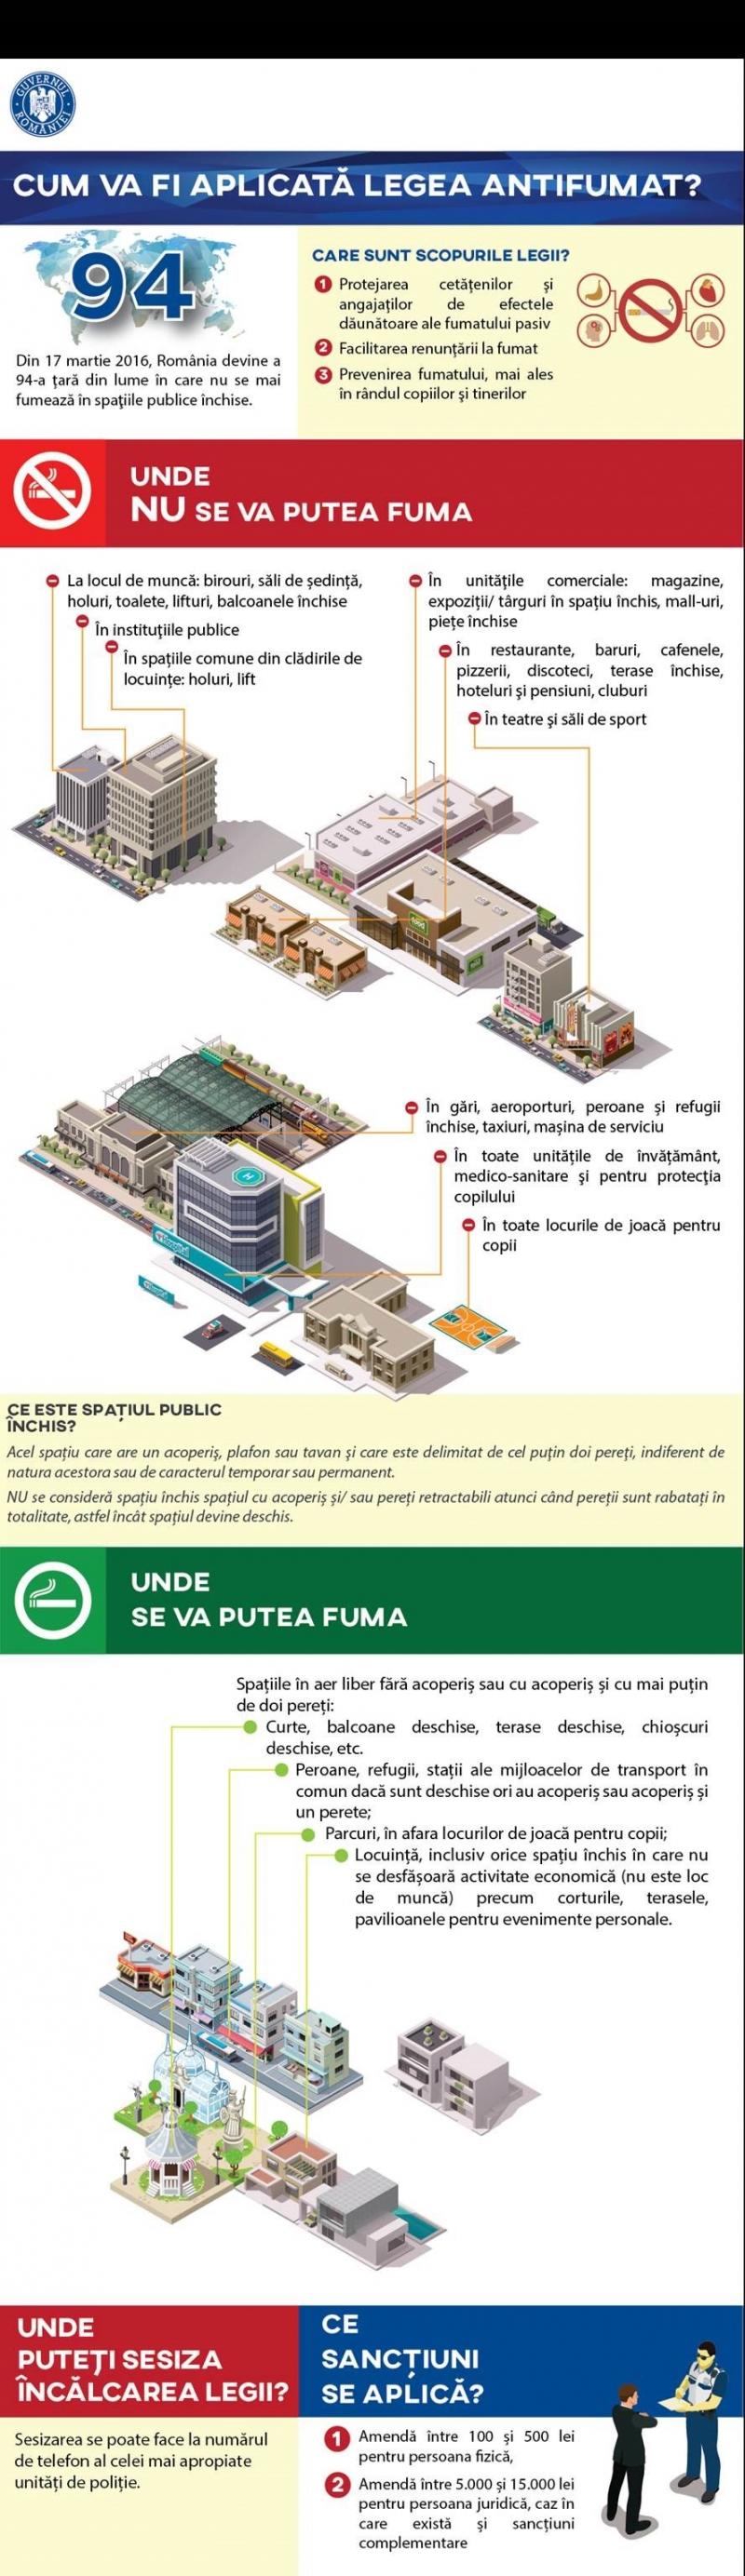 content-image Guvernul AVERTIZEAZĂ: broșura specială pentru fumători Guvernul AVERTIZEAZĂ: broșura specială pentru fumători